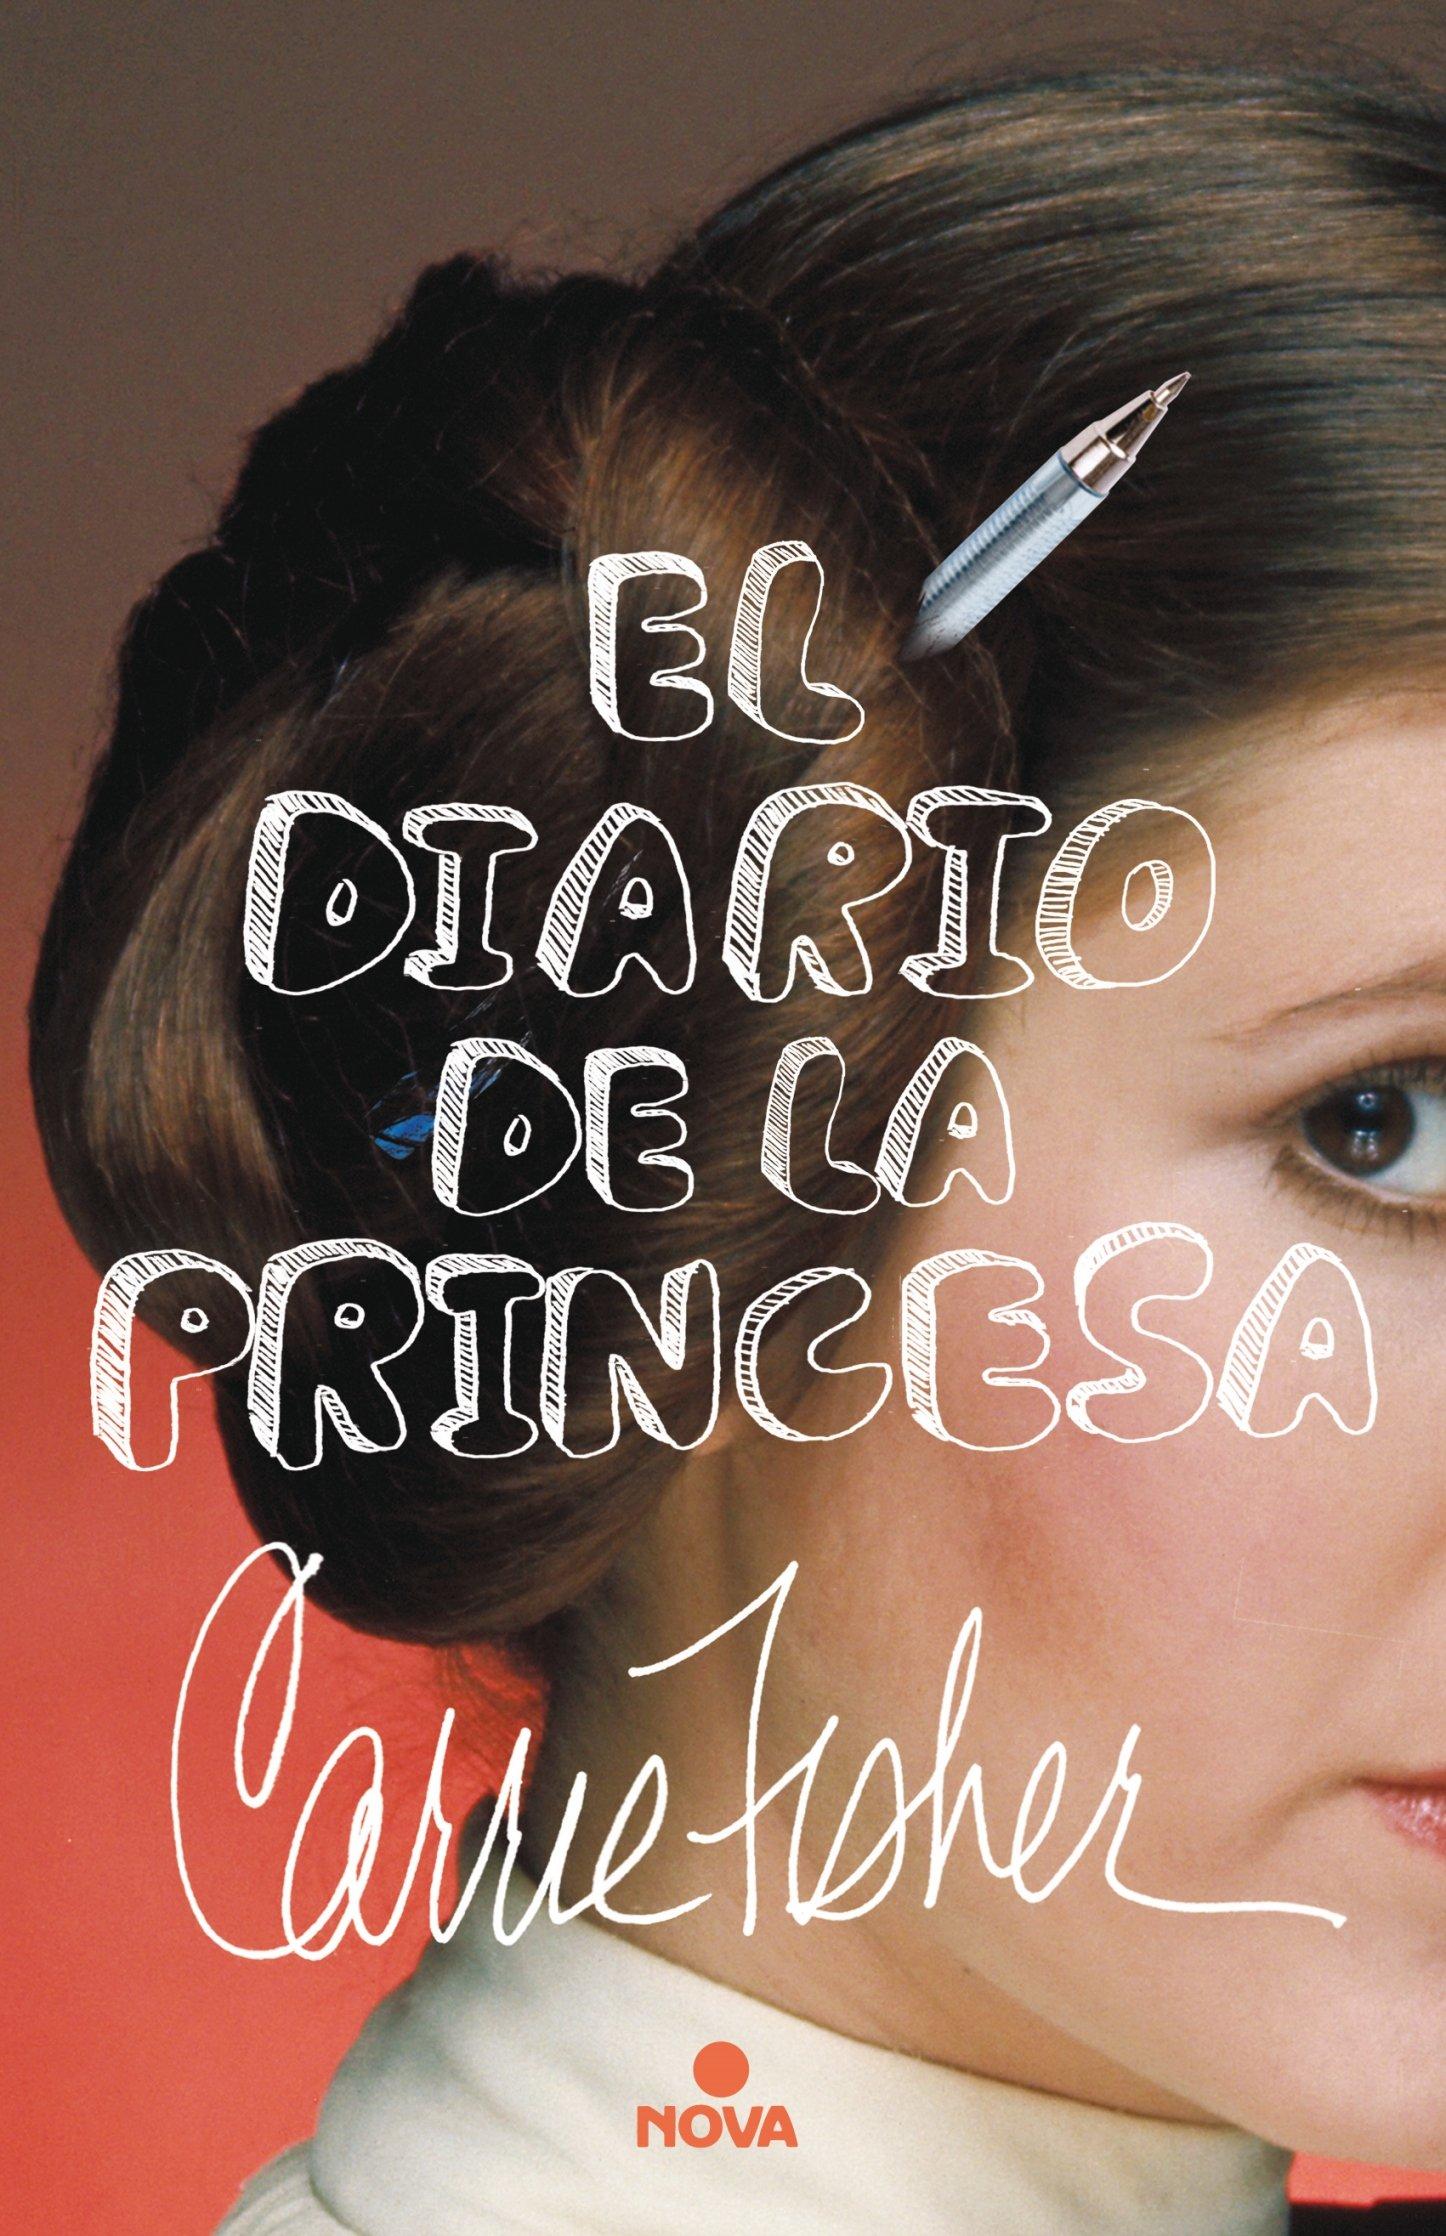 Portada libro - El diario de la princesa